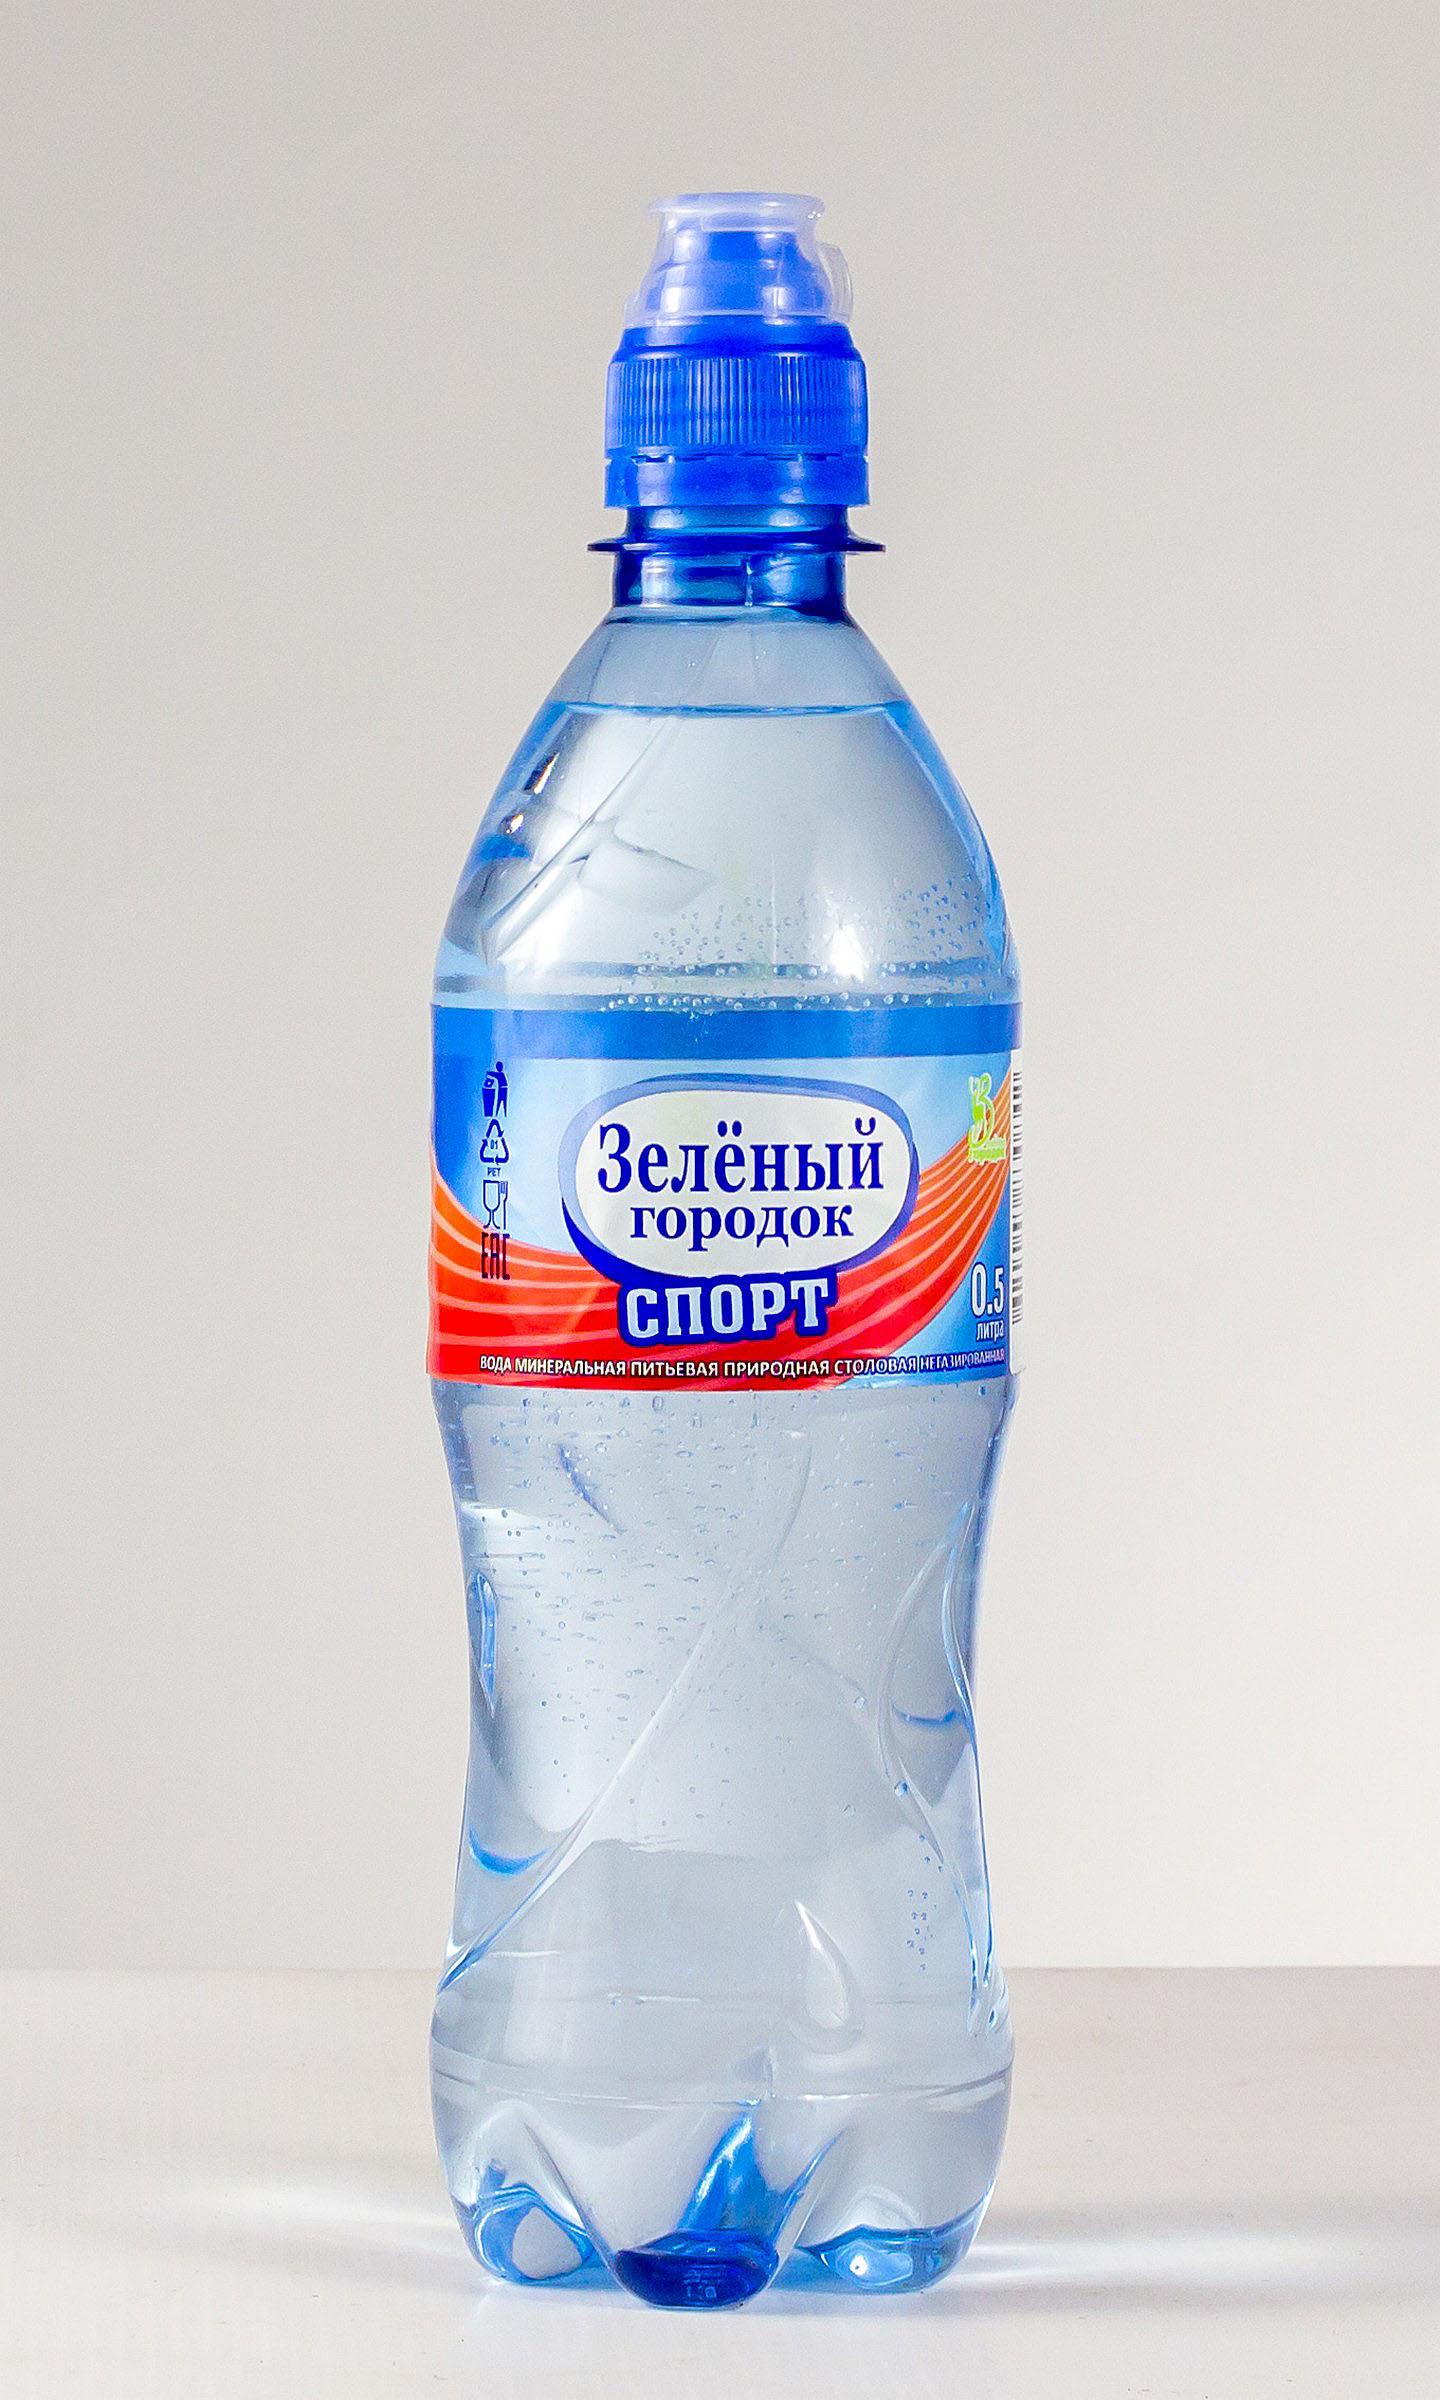 Вода минеральная питьевая природная столовая